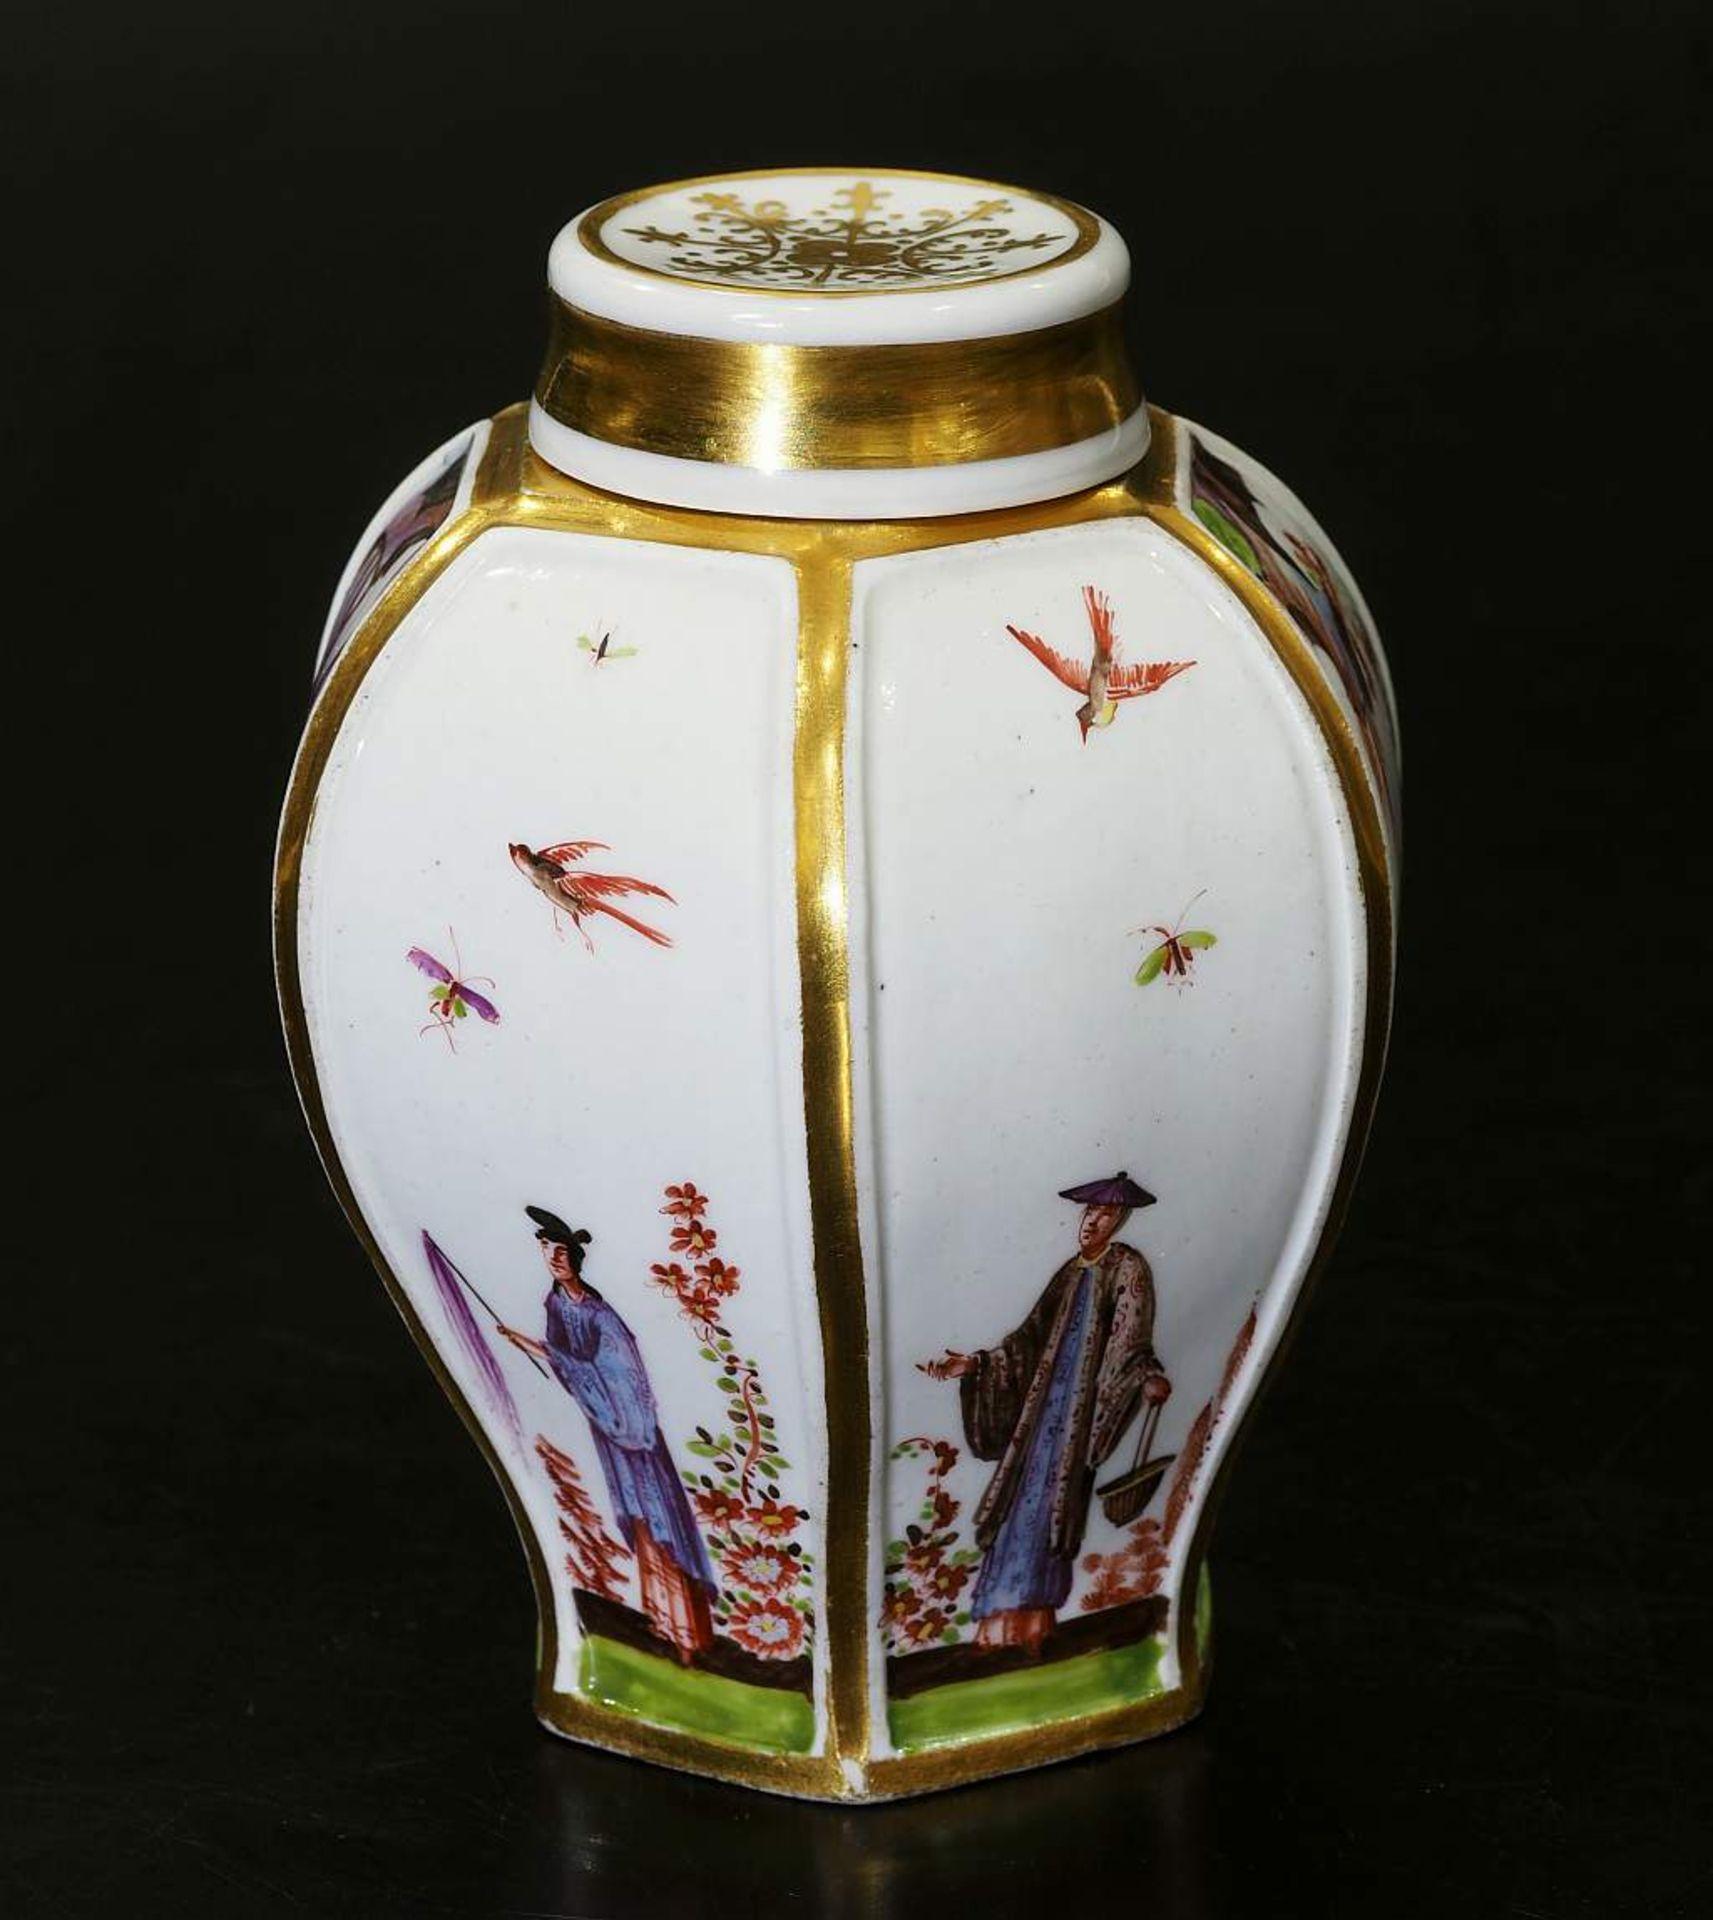 Teedose um 1725. MEISSEN. Teedose um 1725. MEISSEN. Balusterförmige Teedose in hexagonaler Form - Bild 3 aus 8